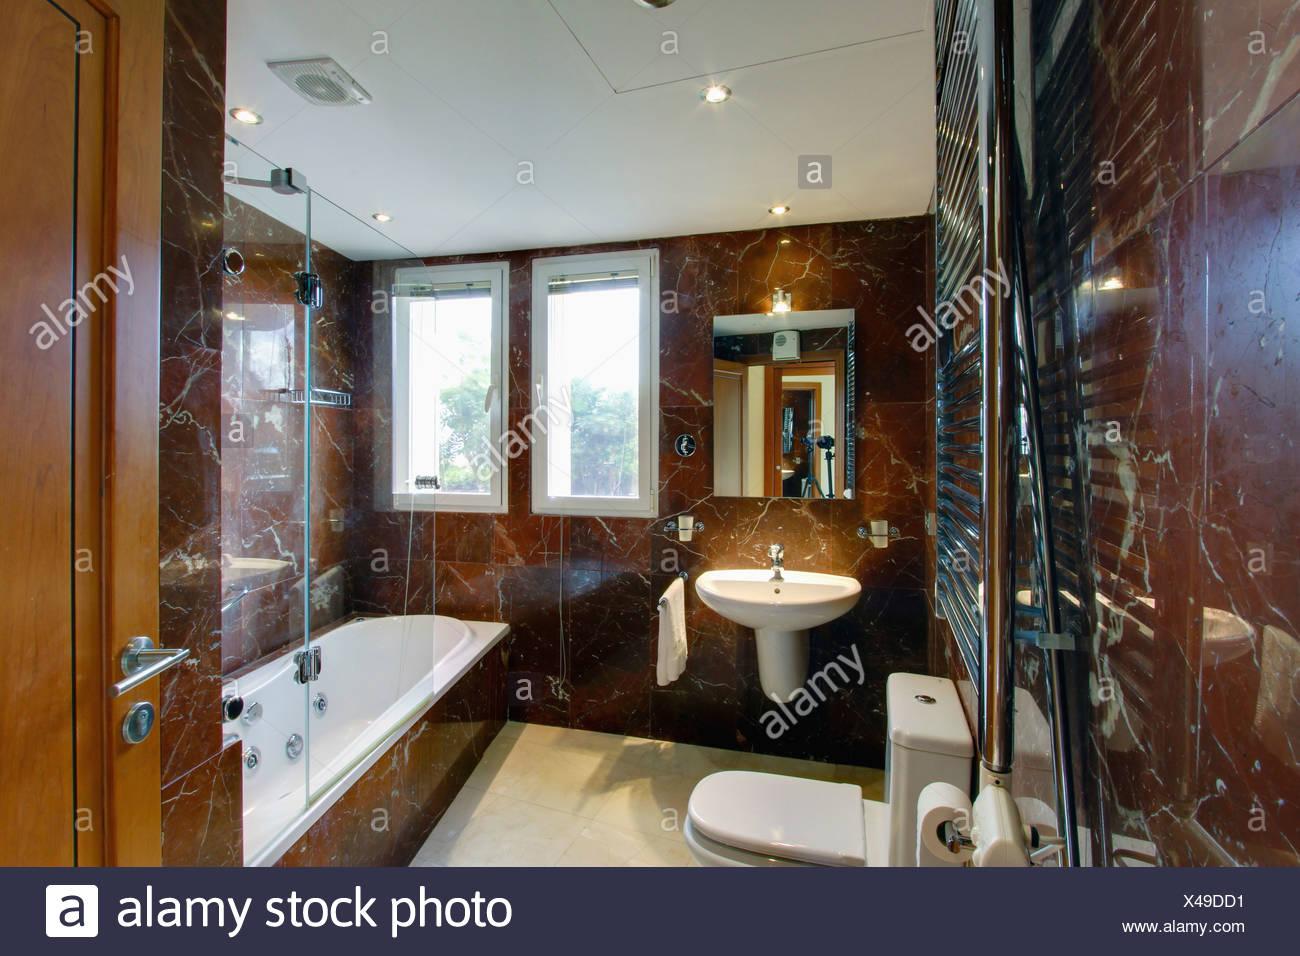 Salle de bains moderne en marbre brun espagnol avec miroir éclairé ...